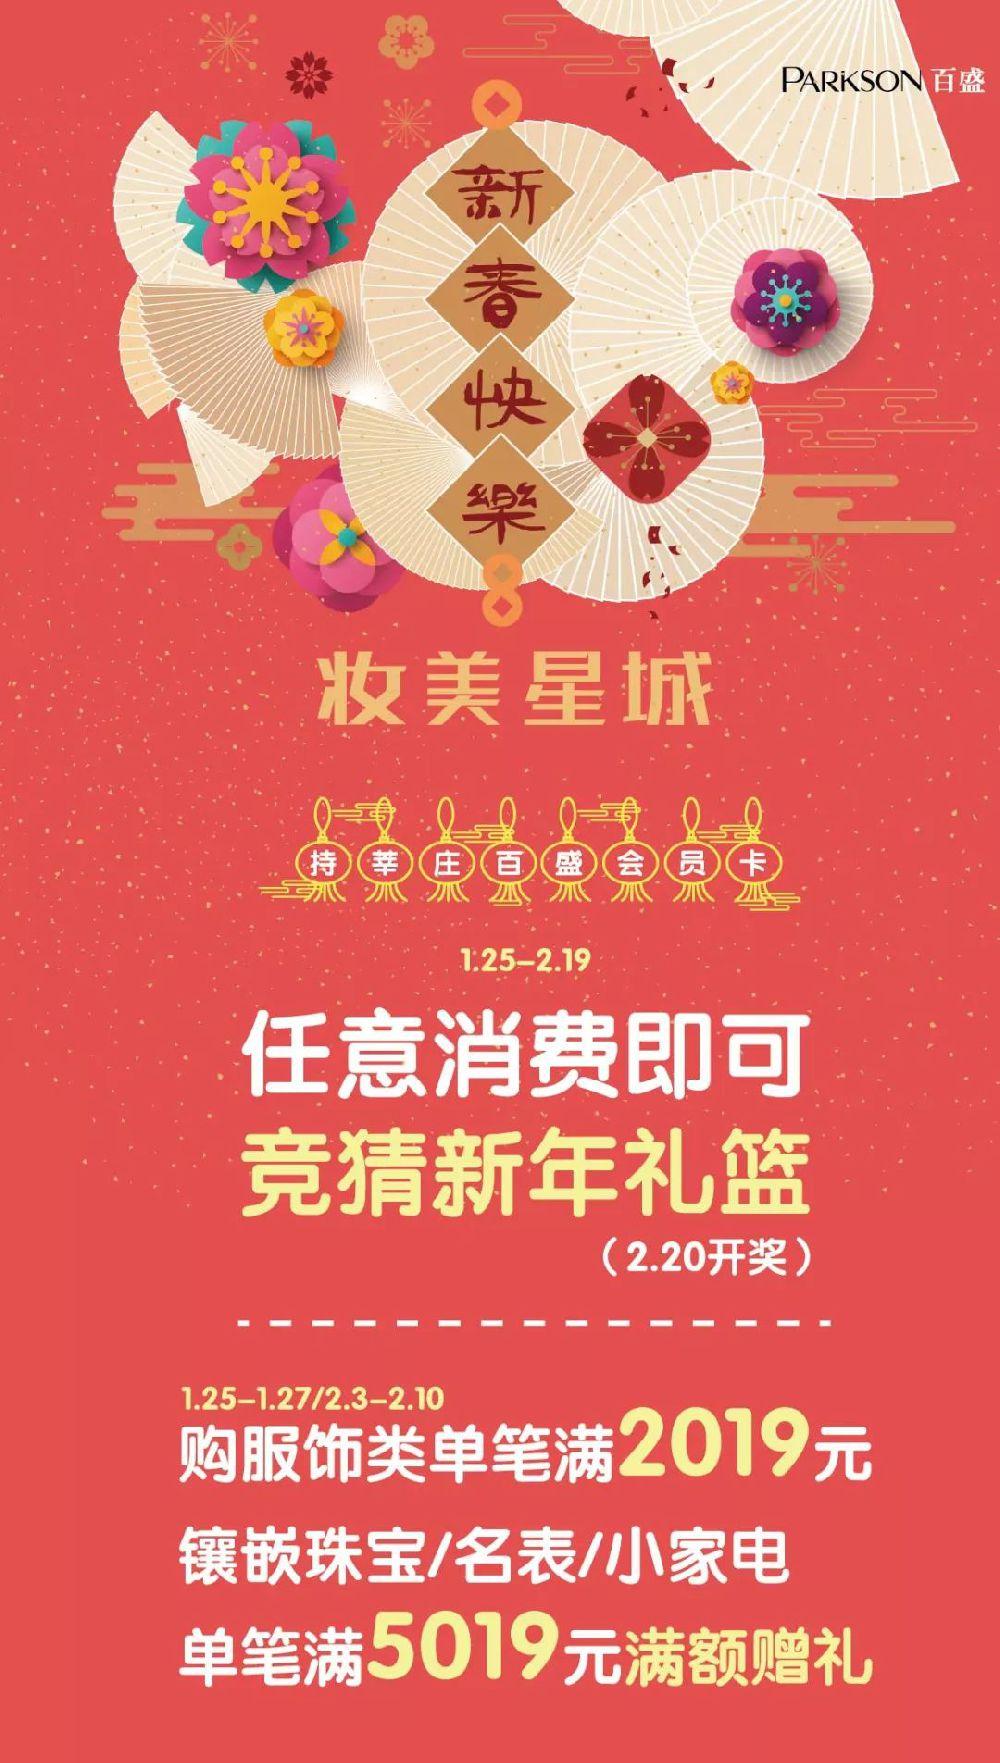 上海莘庄百盛欢度春节 全场低至4折起